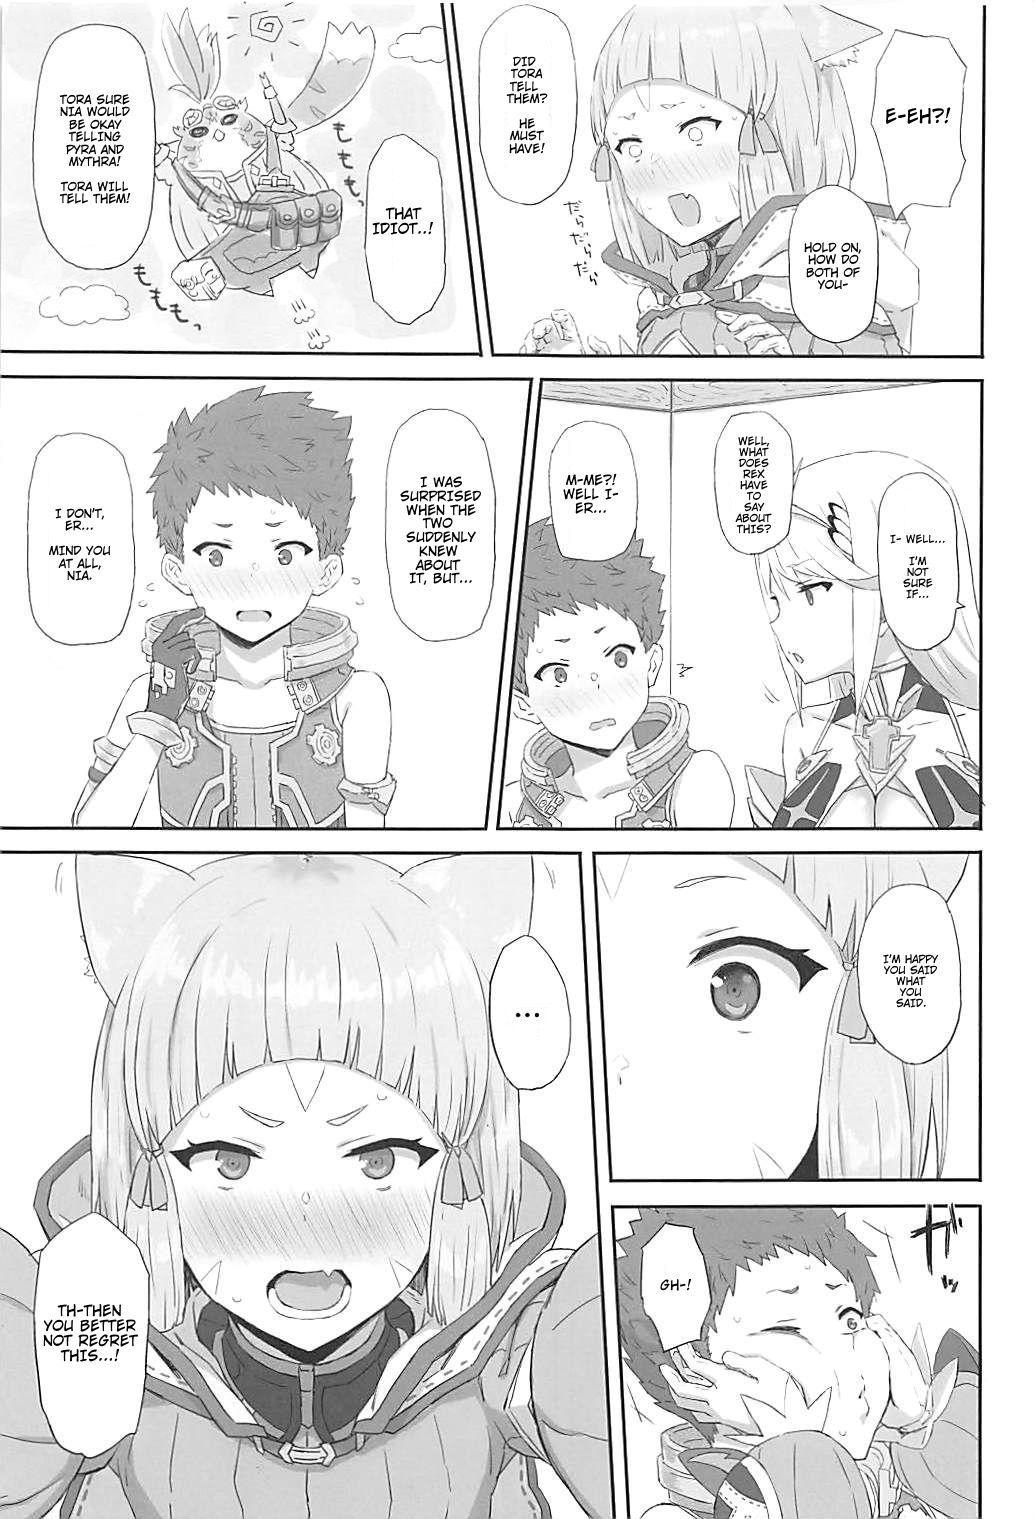 Watashi no Omoi o Anata ni... 3